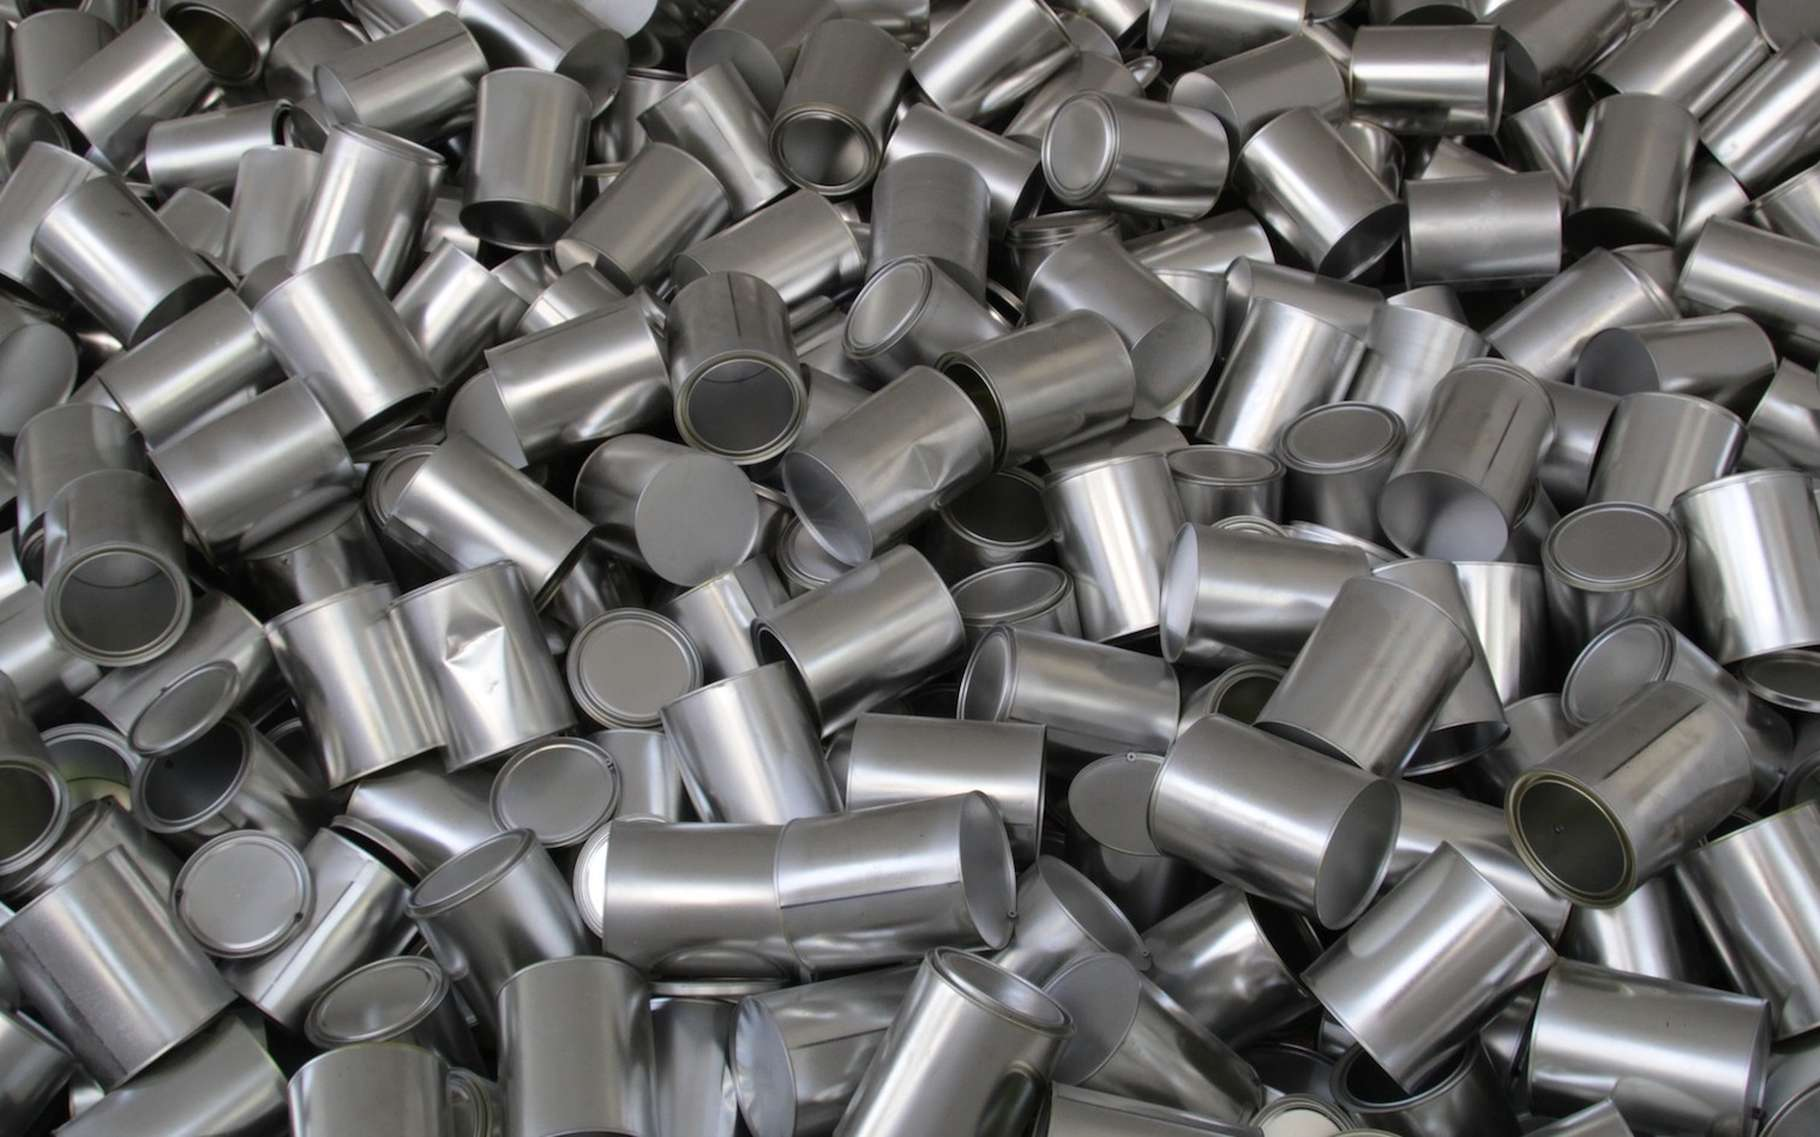 Le borure de titane est utile comme inoculant par l'industrie de l'aluminium. © ziodanilo, Pixabay, CC0 Creative Commons